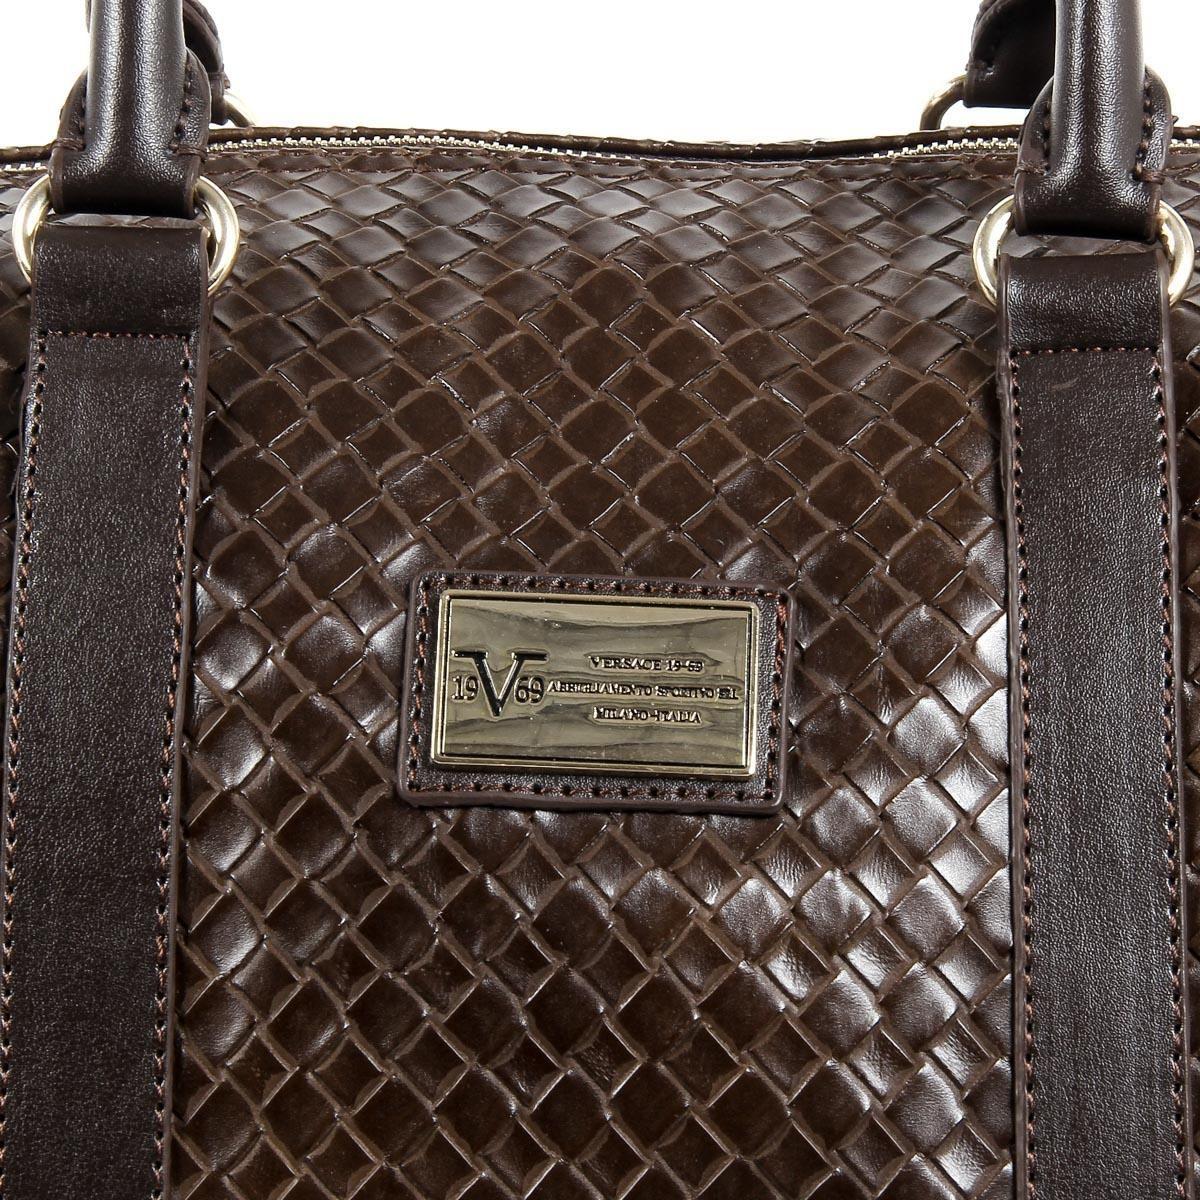 eb7909e9d113 Versace 19.69 Abbigliamento Sportivo Srl Milano Italia Mens Sport Bag  V1969015B COFFEE